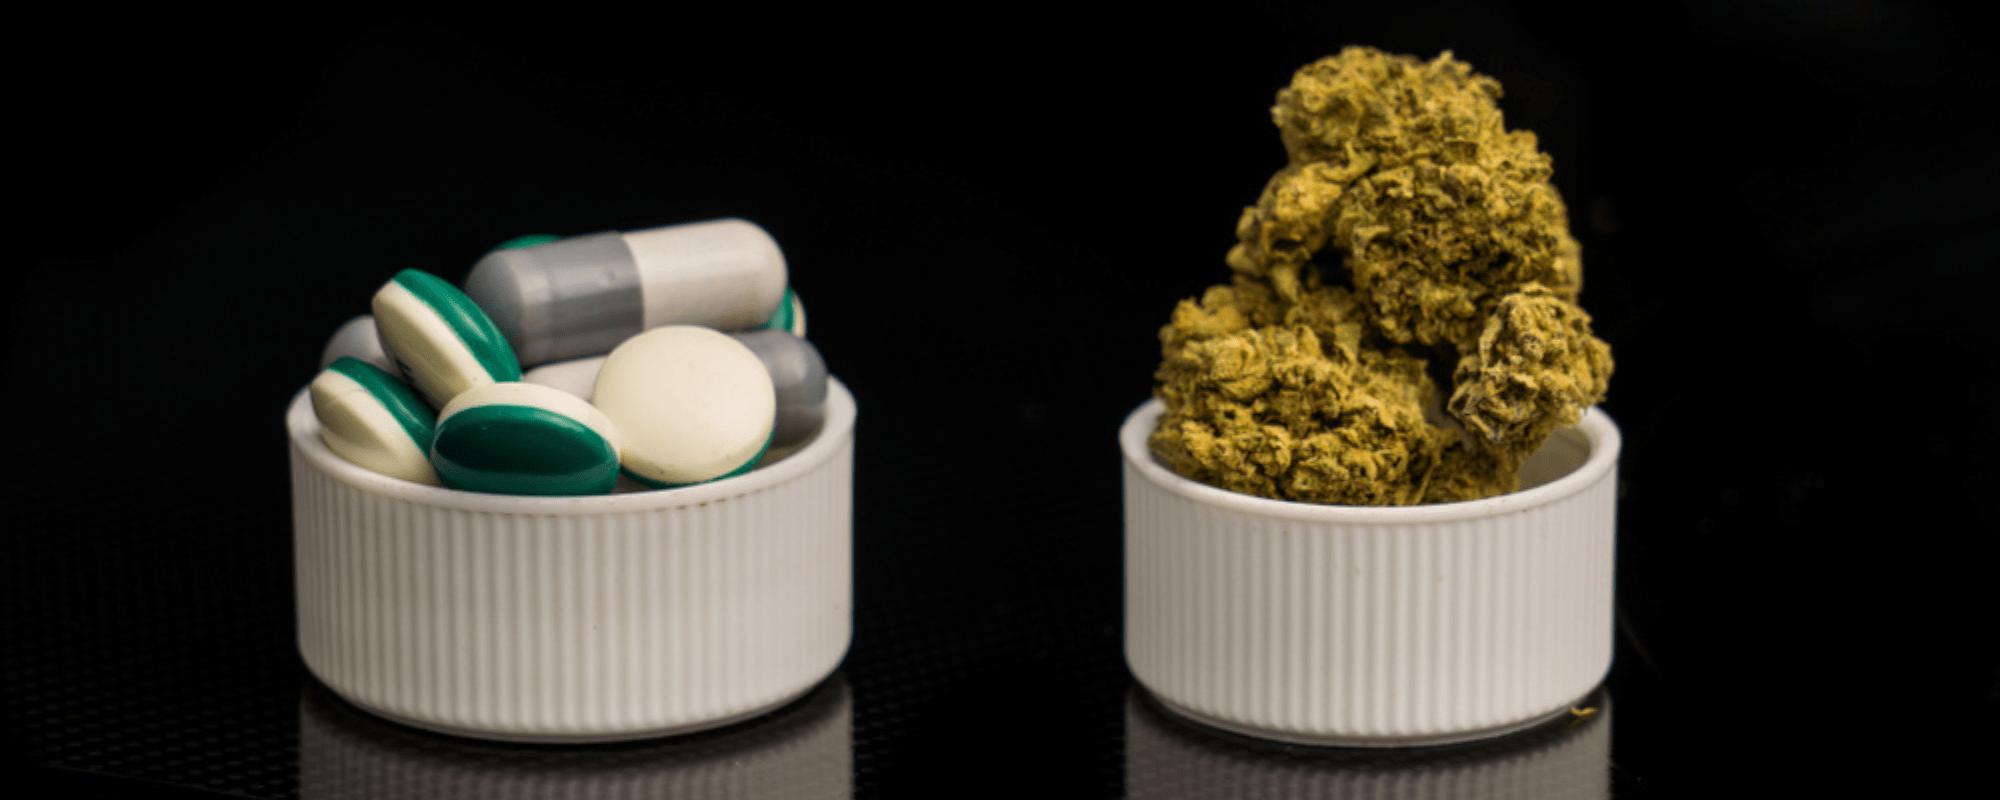 medical marijuana and opioids